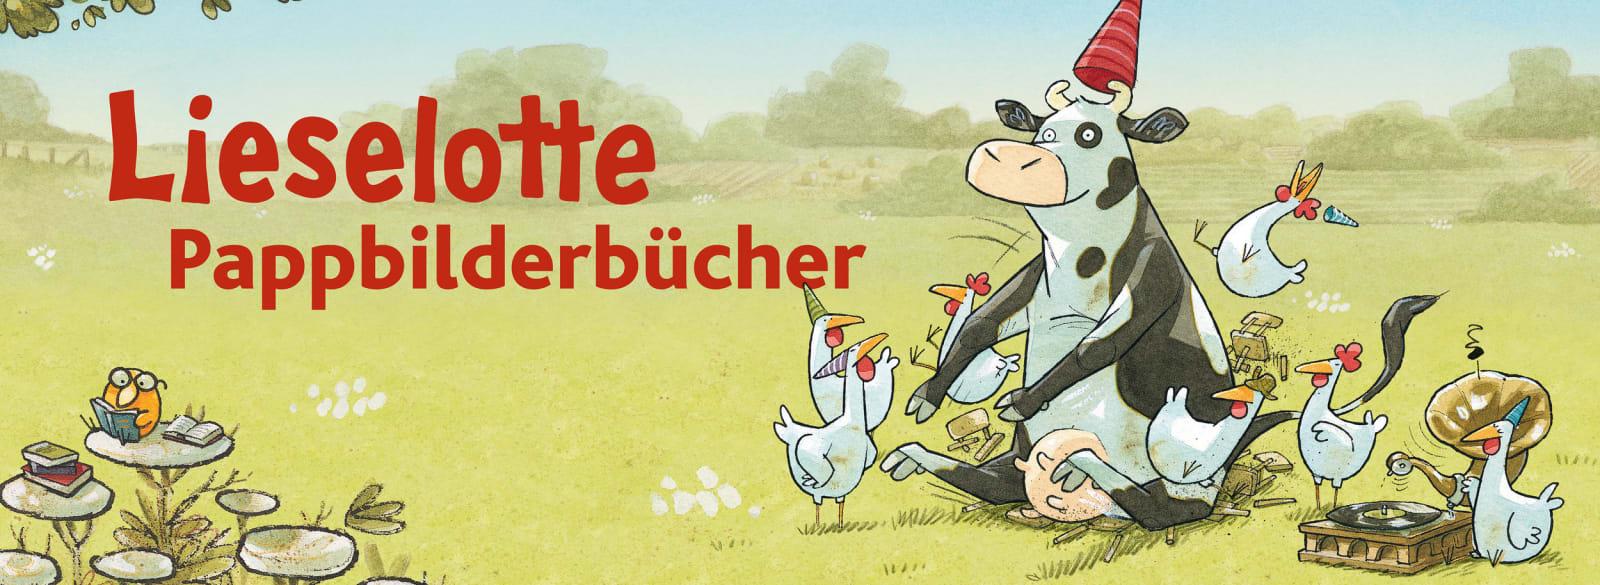 Herobanner_Lieselotte_Pappbilderbücher_1440x585